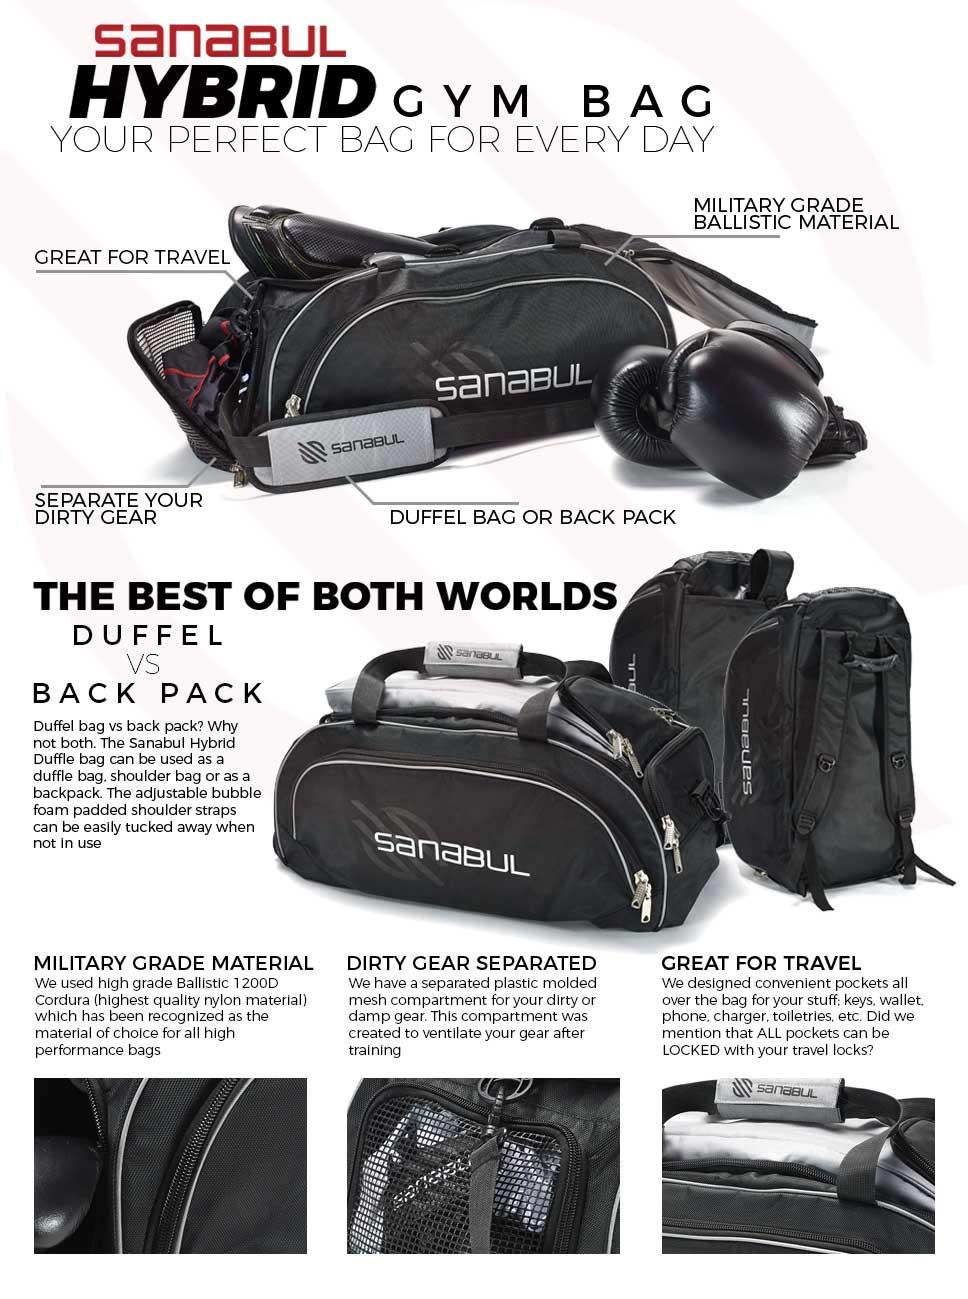 Sanabul hybrid mma duffel backpack bag silver jpg 968x1299 Grappling gym bag dbebeb2c0b